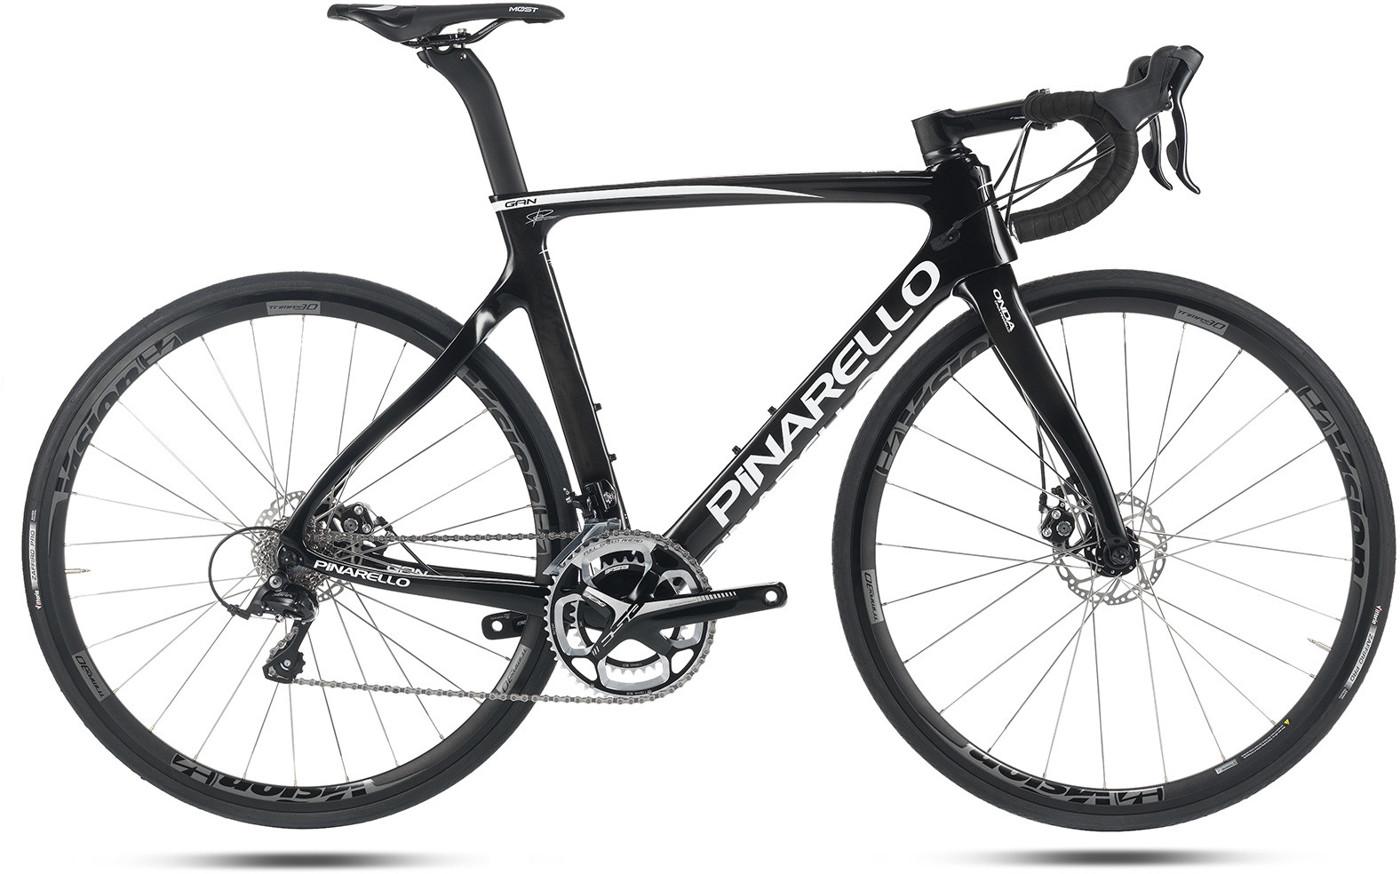 Pinarello GAN DISK - Carbon T600 - 846 2016 Racercykel